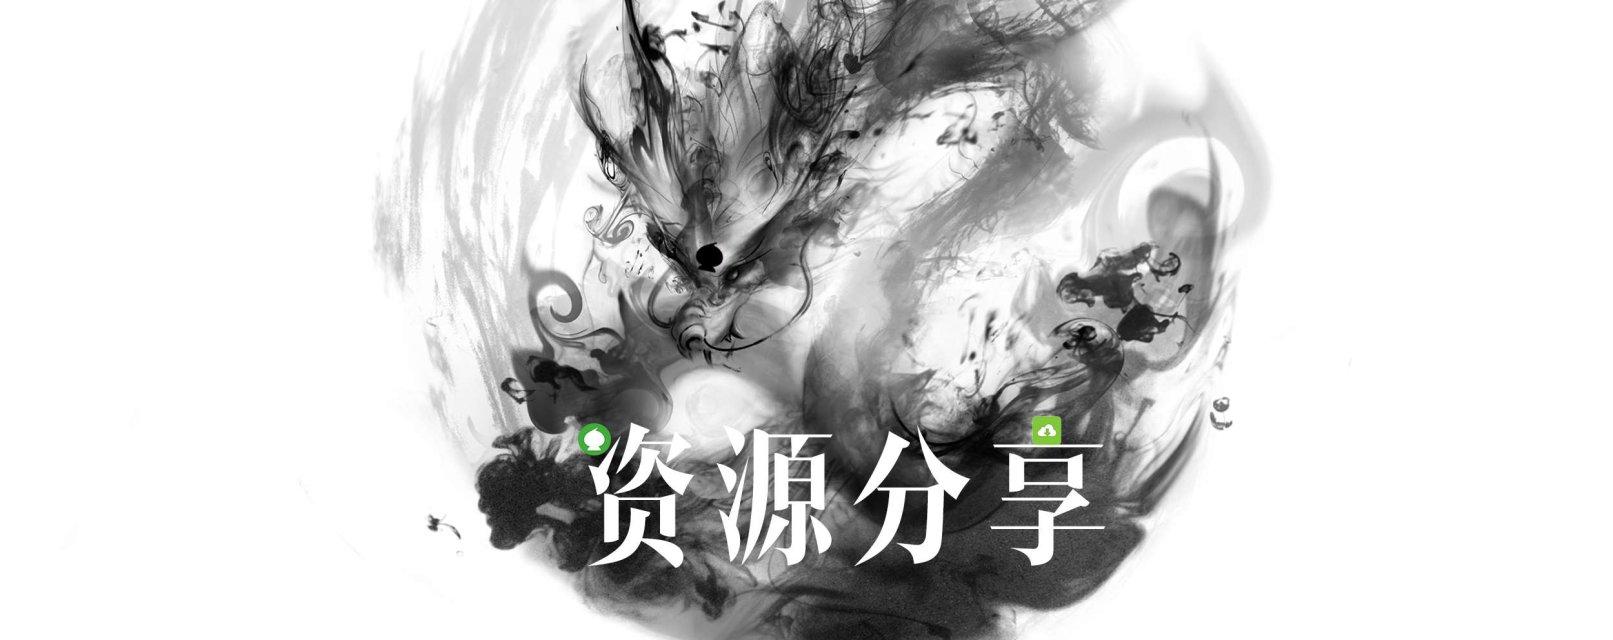 【PC】FL studio20安装及汉化-爱小助